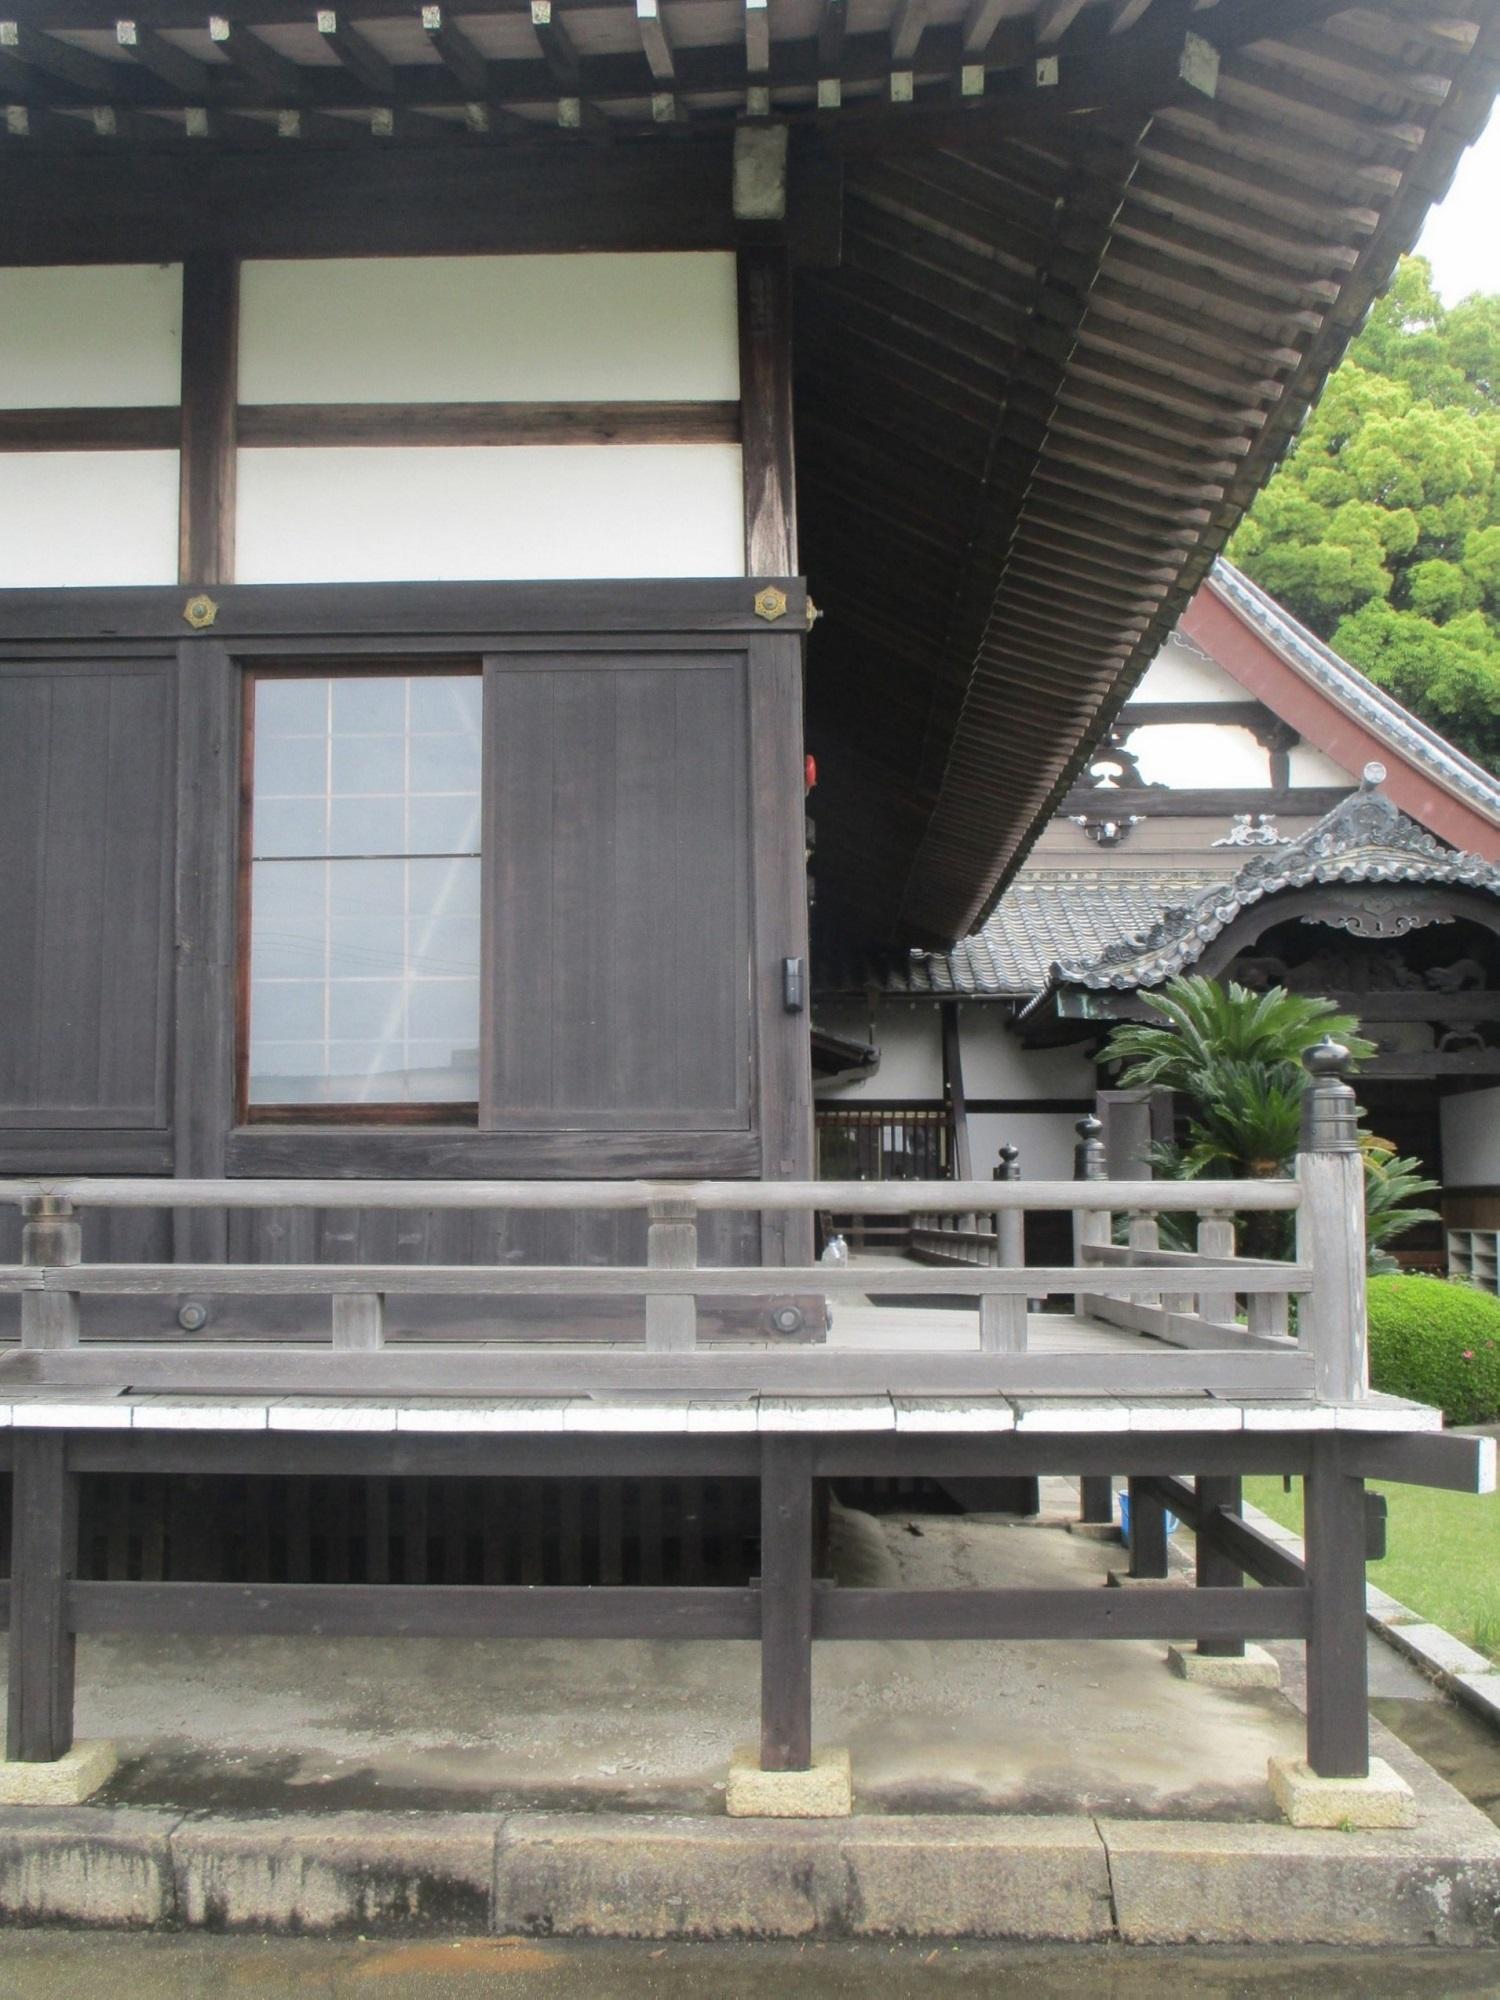 2020.5.19 (17) 随念寺 - 本堂 1500-2000